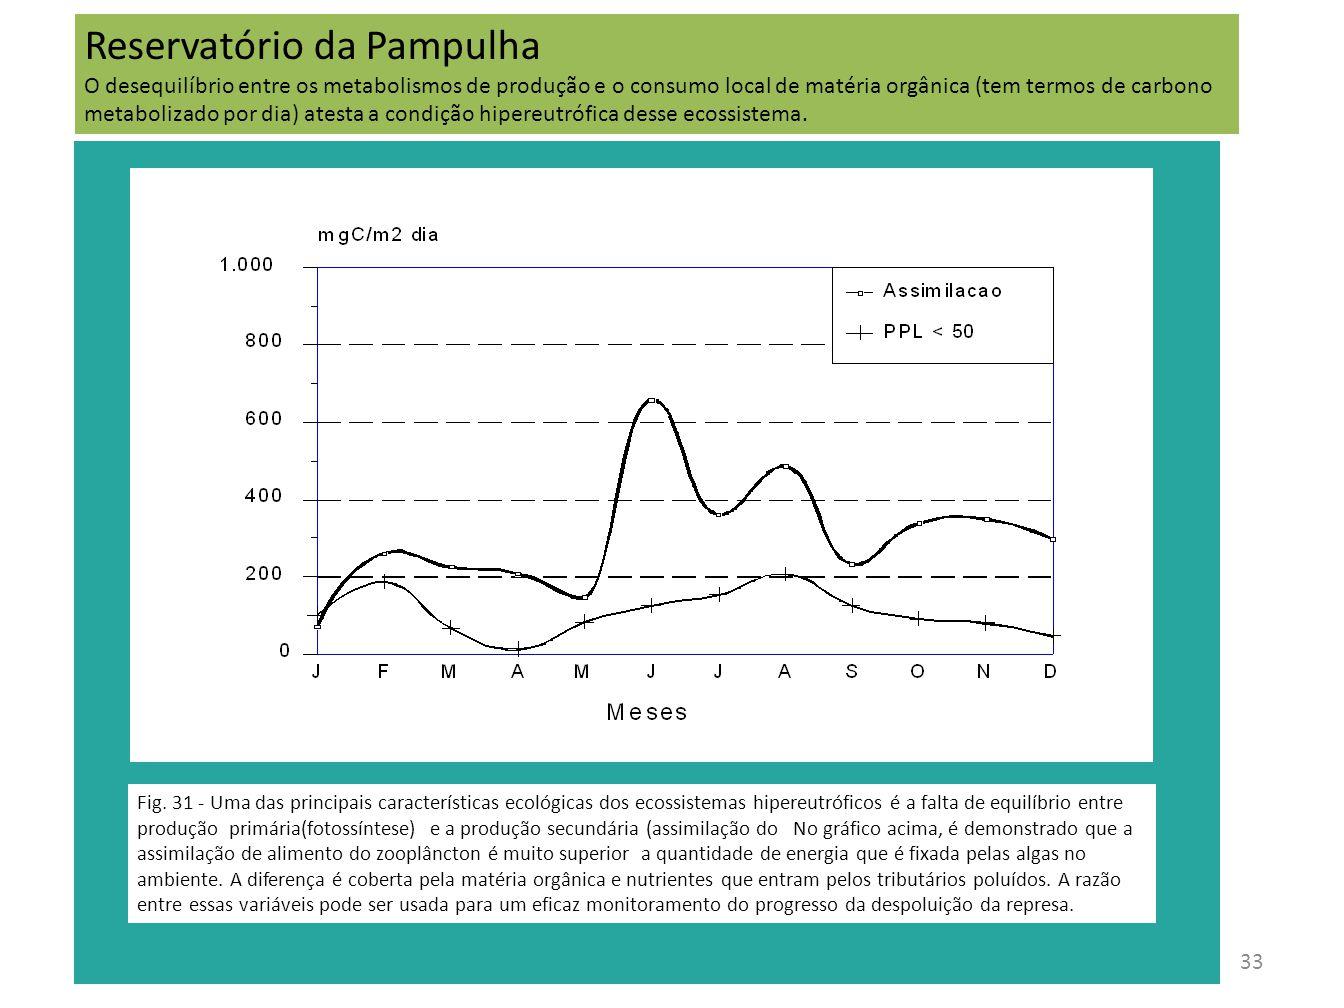 33 Fig. 31 - Uma das principais características ecológicas dos ecossistemas hipereutróficos é a falta de equilíbrio entre produção primária(fotossínte